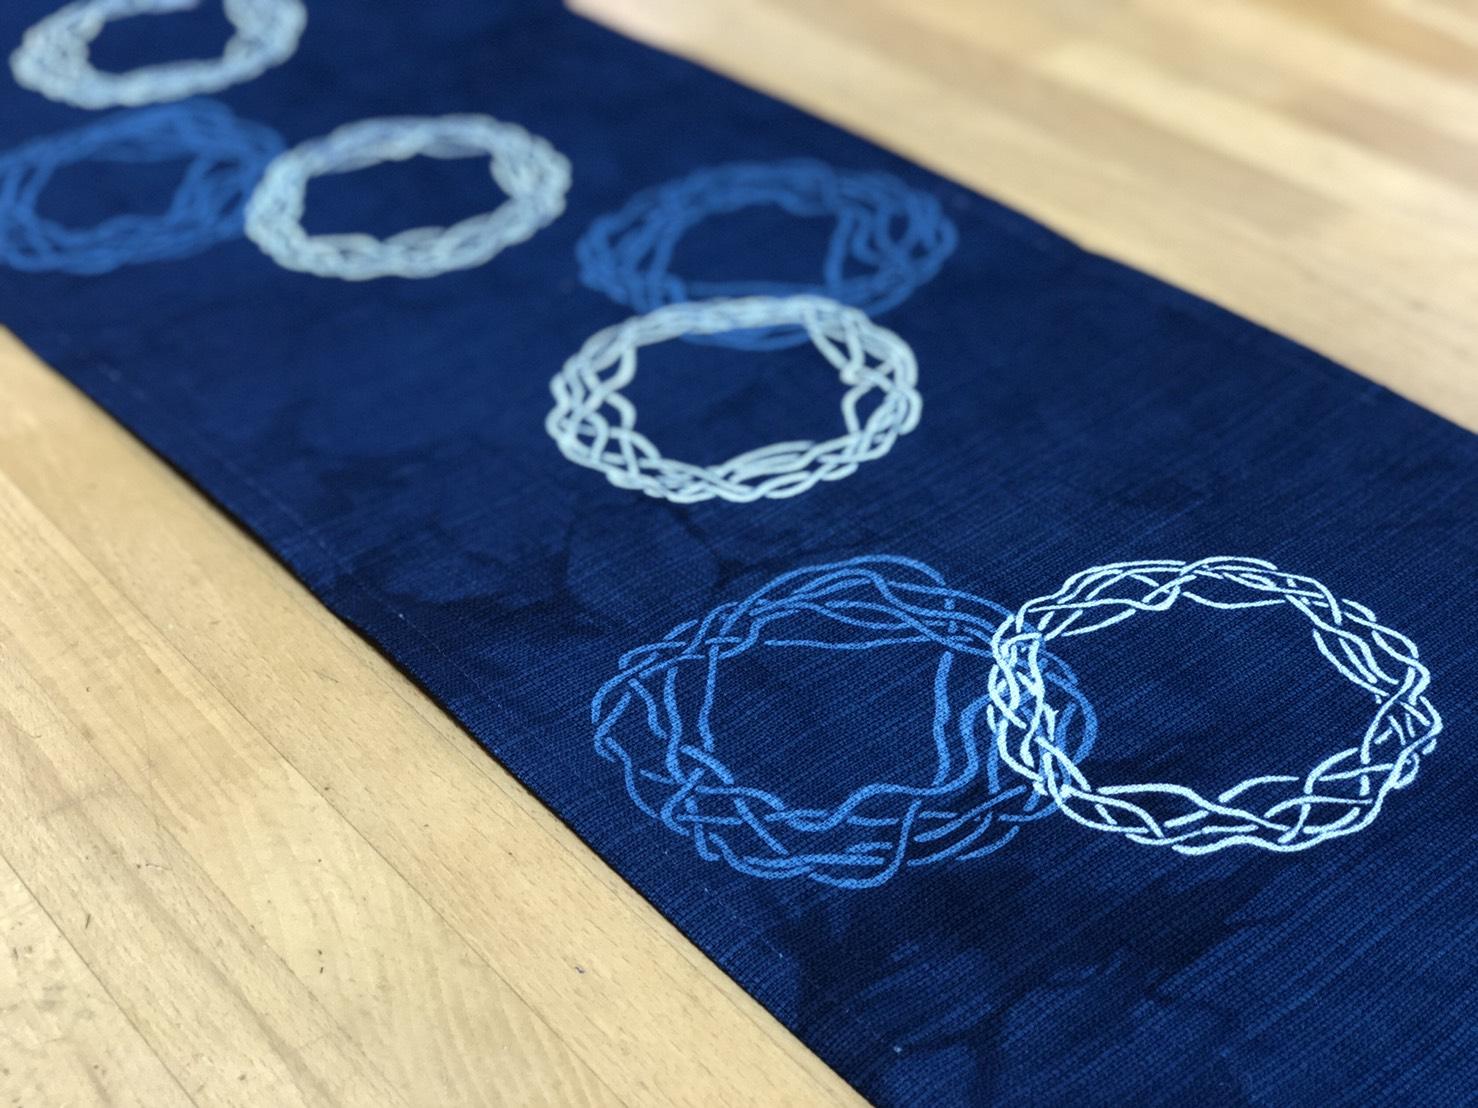 藍染テーブルランナー「ミニバスケット」